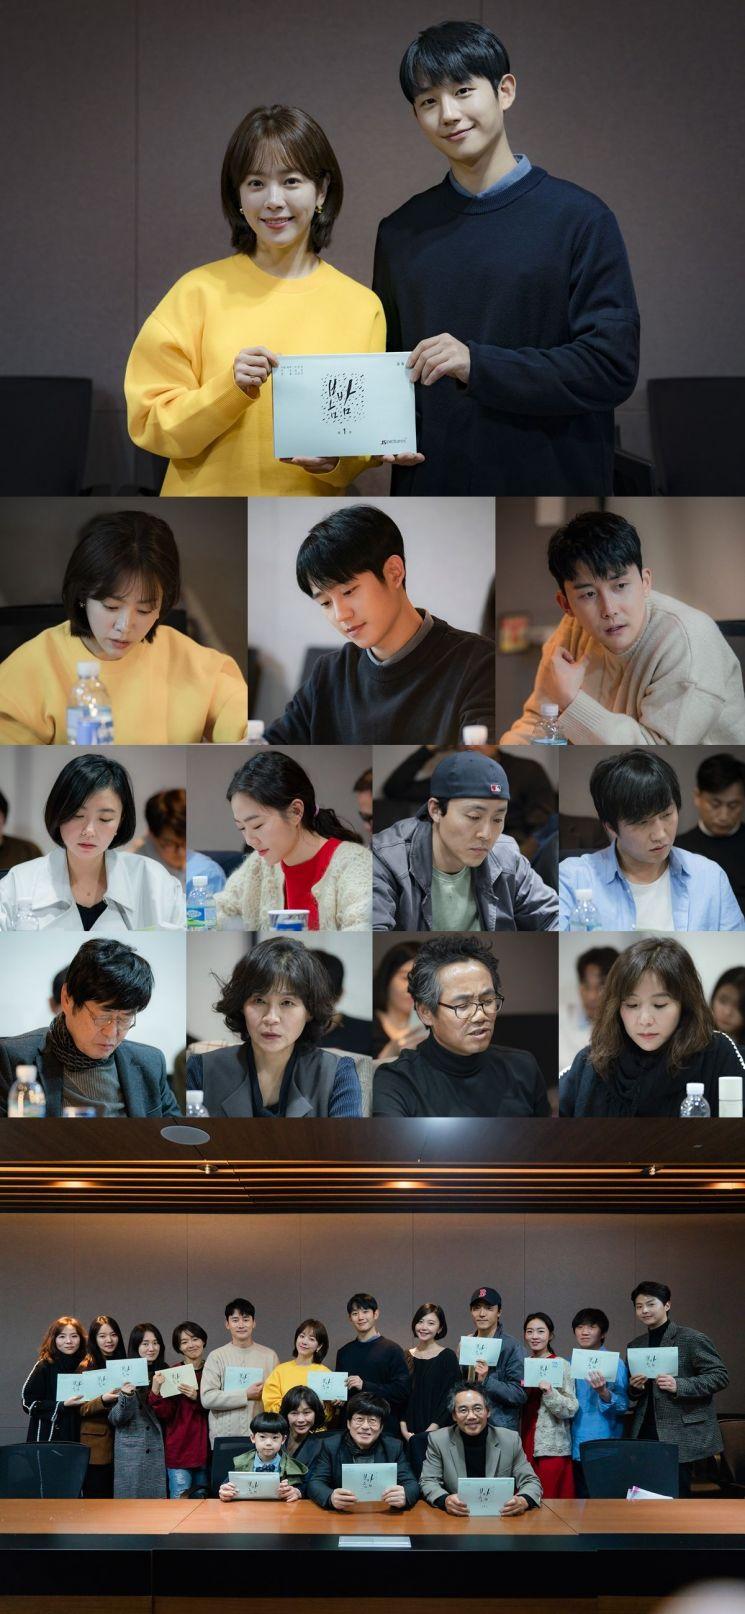 MBC 새 수목드라마 '봄밤' 대본 리딩 현장이 공개됐다. 해당 드라마는 오는 5월 첫 방송된다. / 사진=MBC